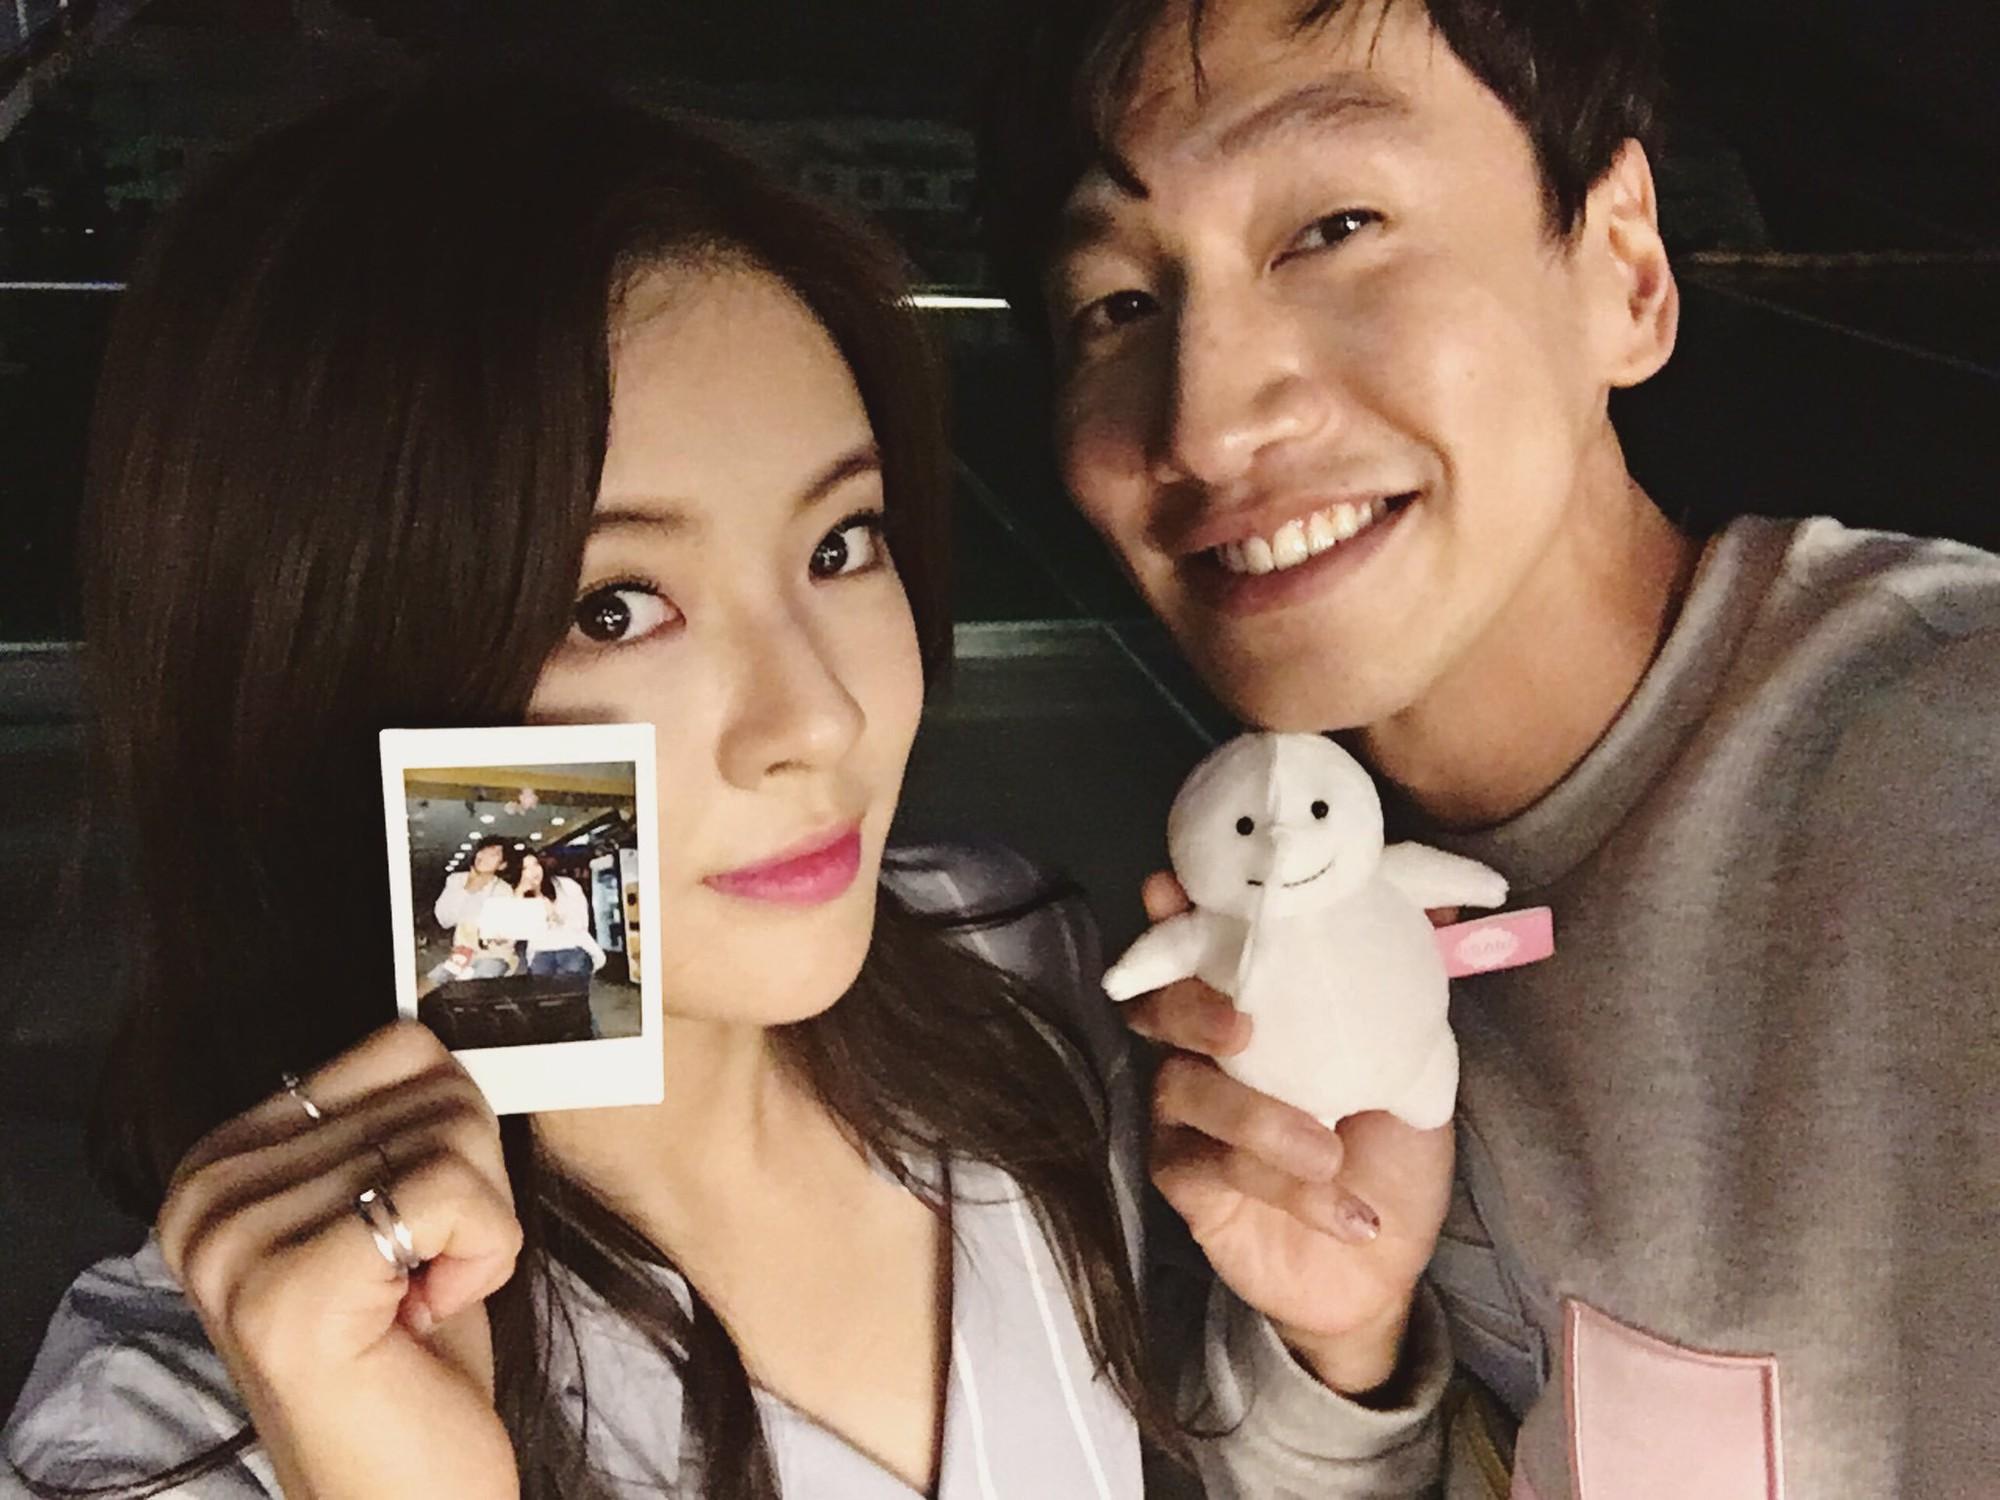 5 sao nam Hàn chẳng đẹp trai nhưng cưa đổ mỹ nhân đẹp xuất chúng: Hầu hết đều siêu giàu, trừ trường hợp cuối - Ảnh 4.